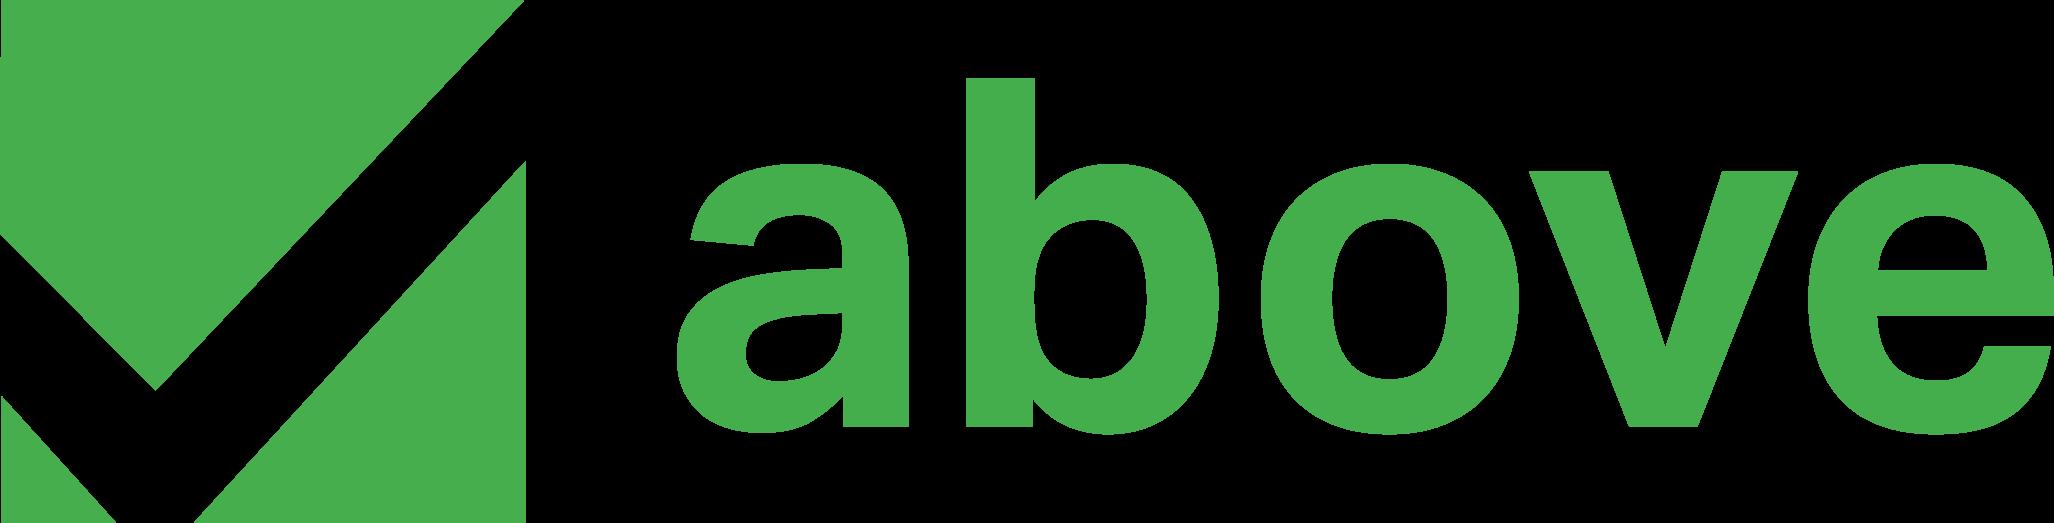 Above's company logo